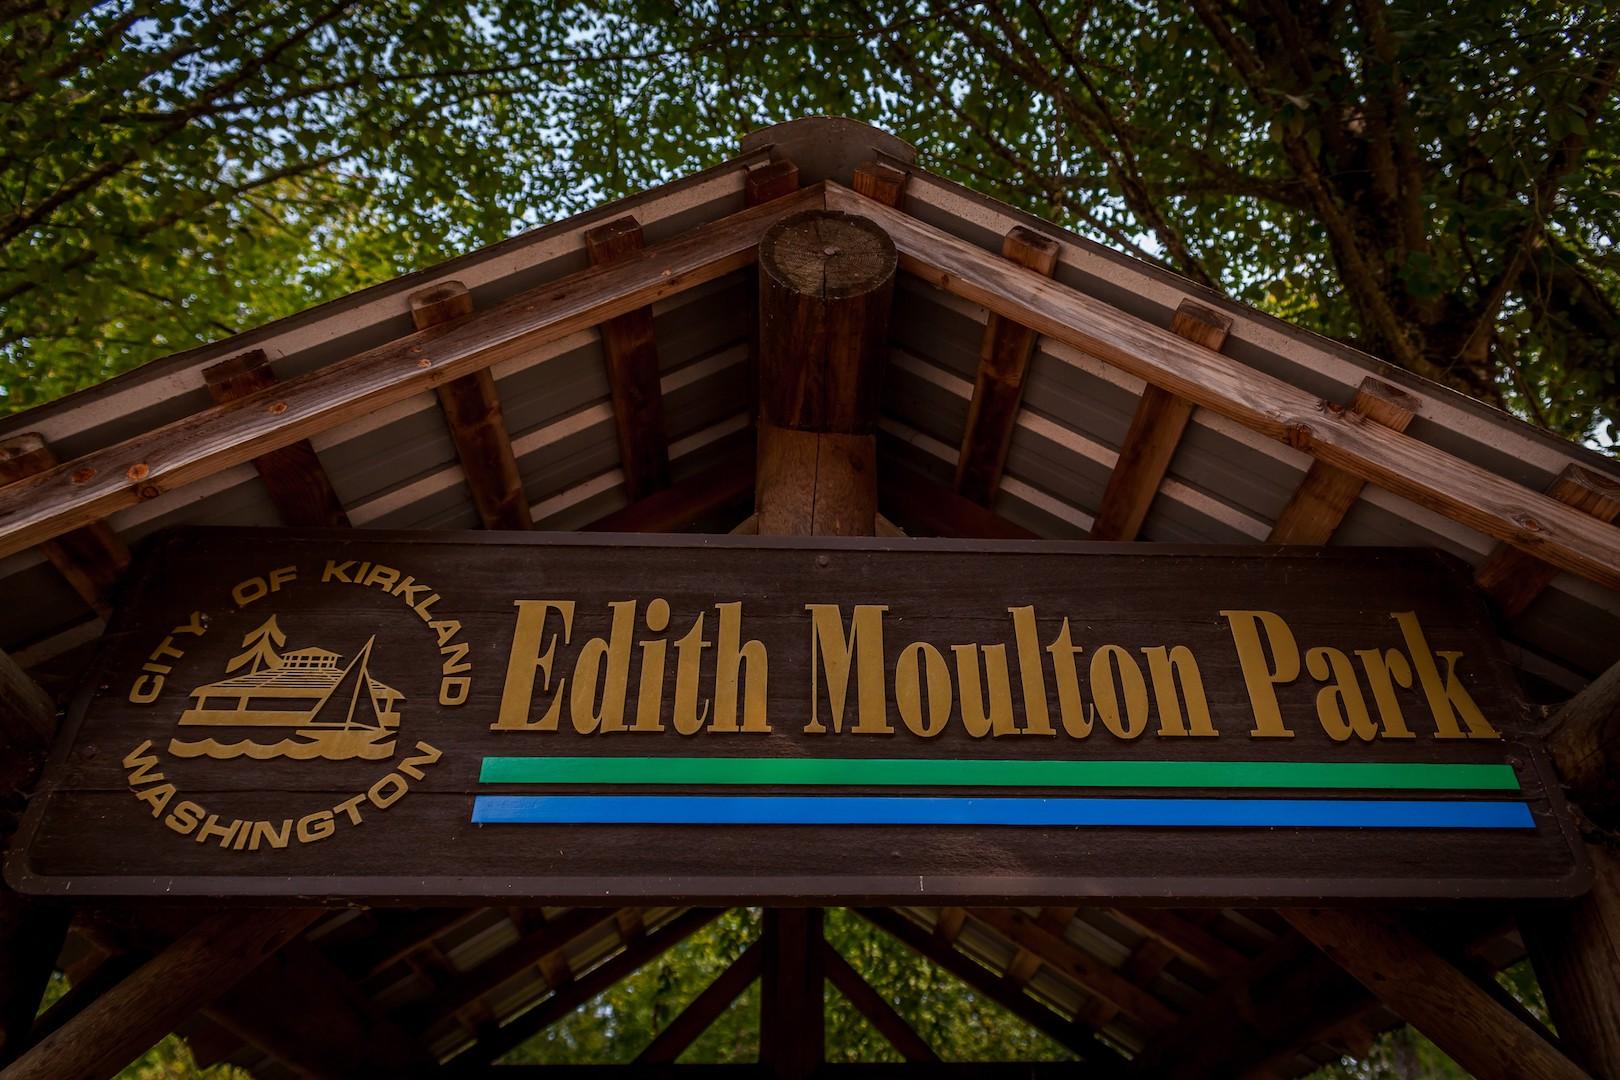 EdithMoultonPark.jpg